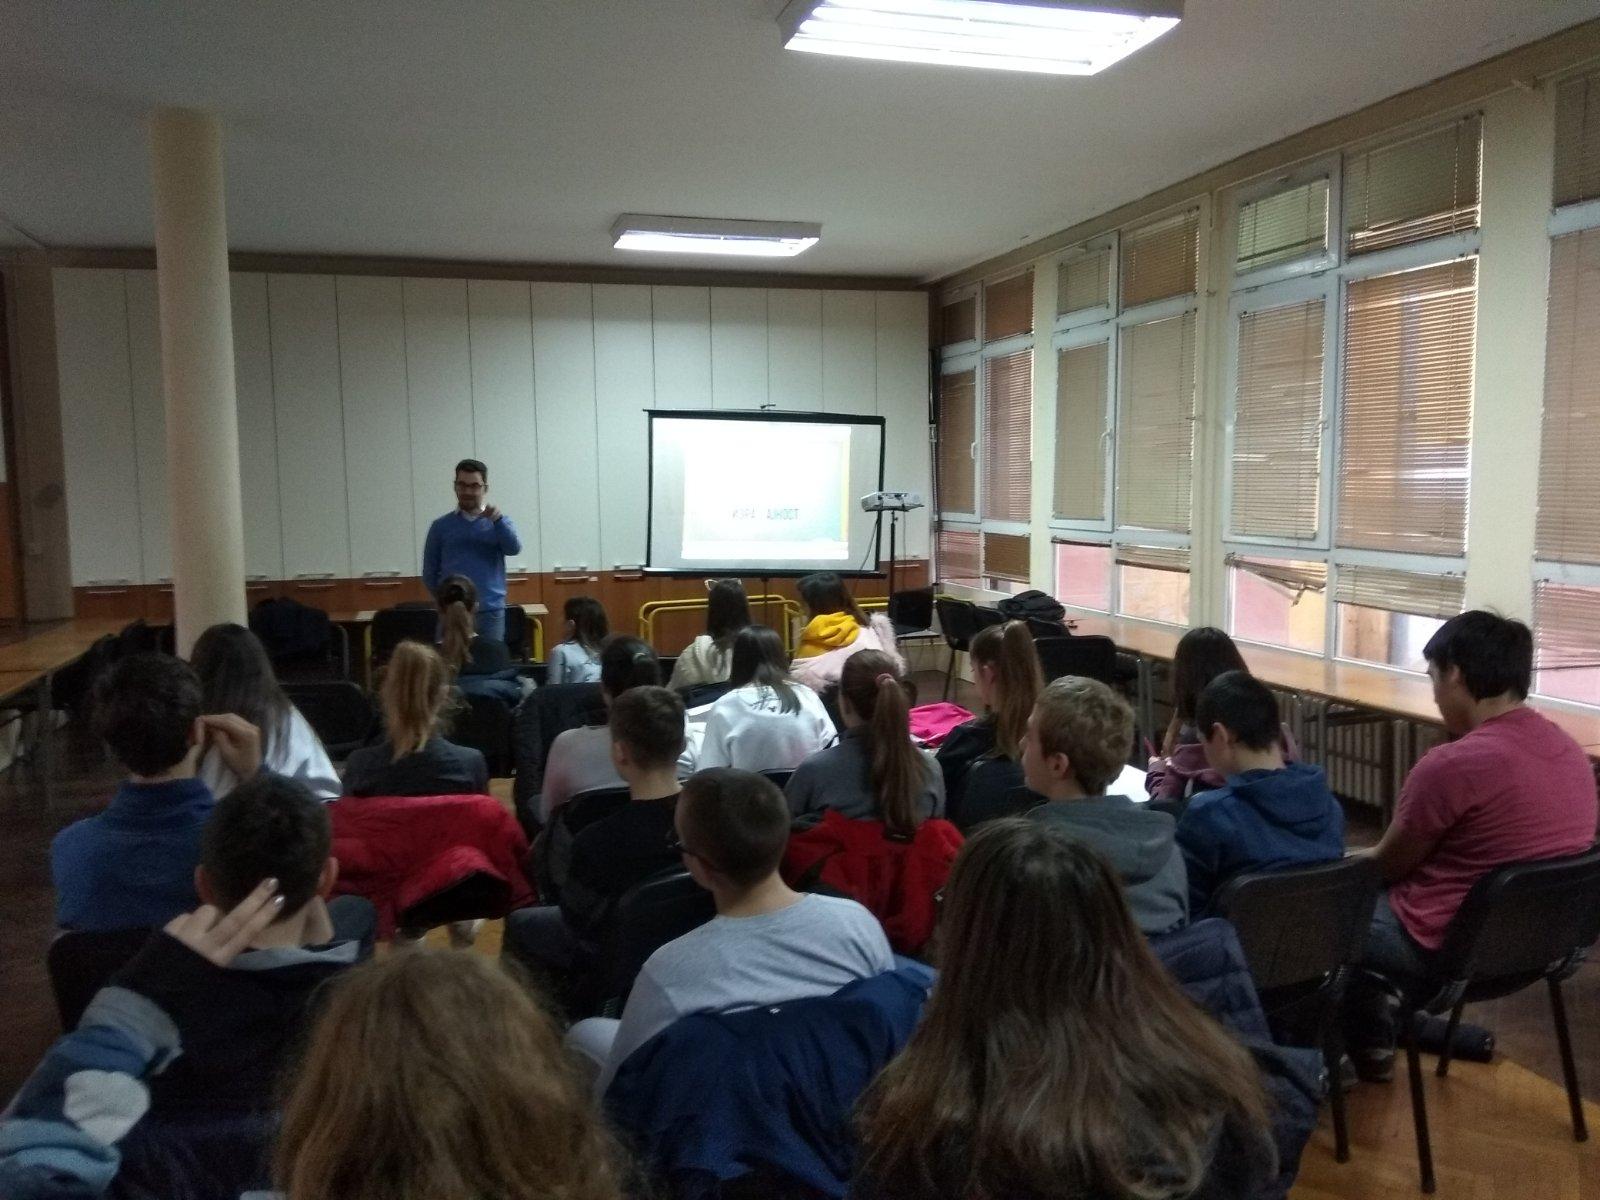 Školski čas kulture govora - OŠ Đorđe Natošević, Novi Sad